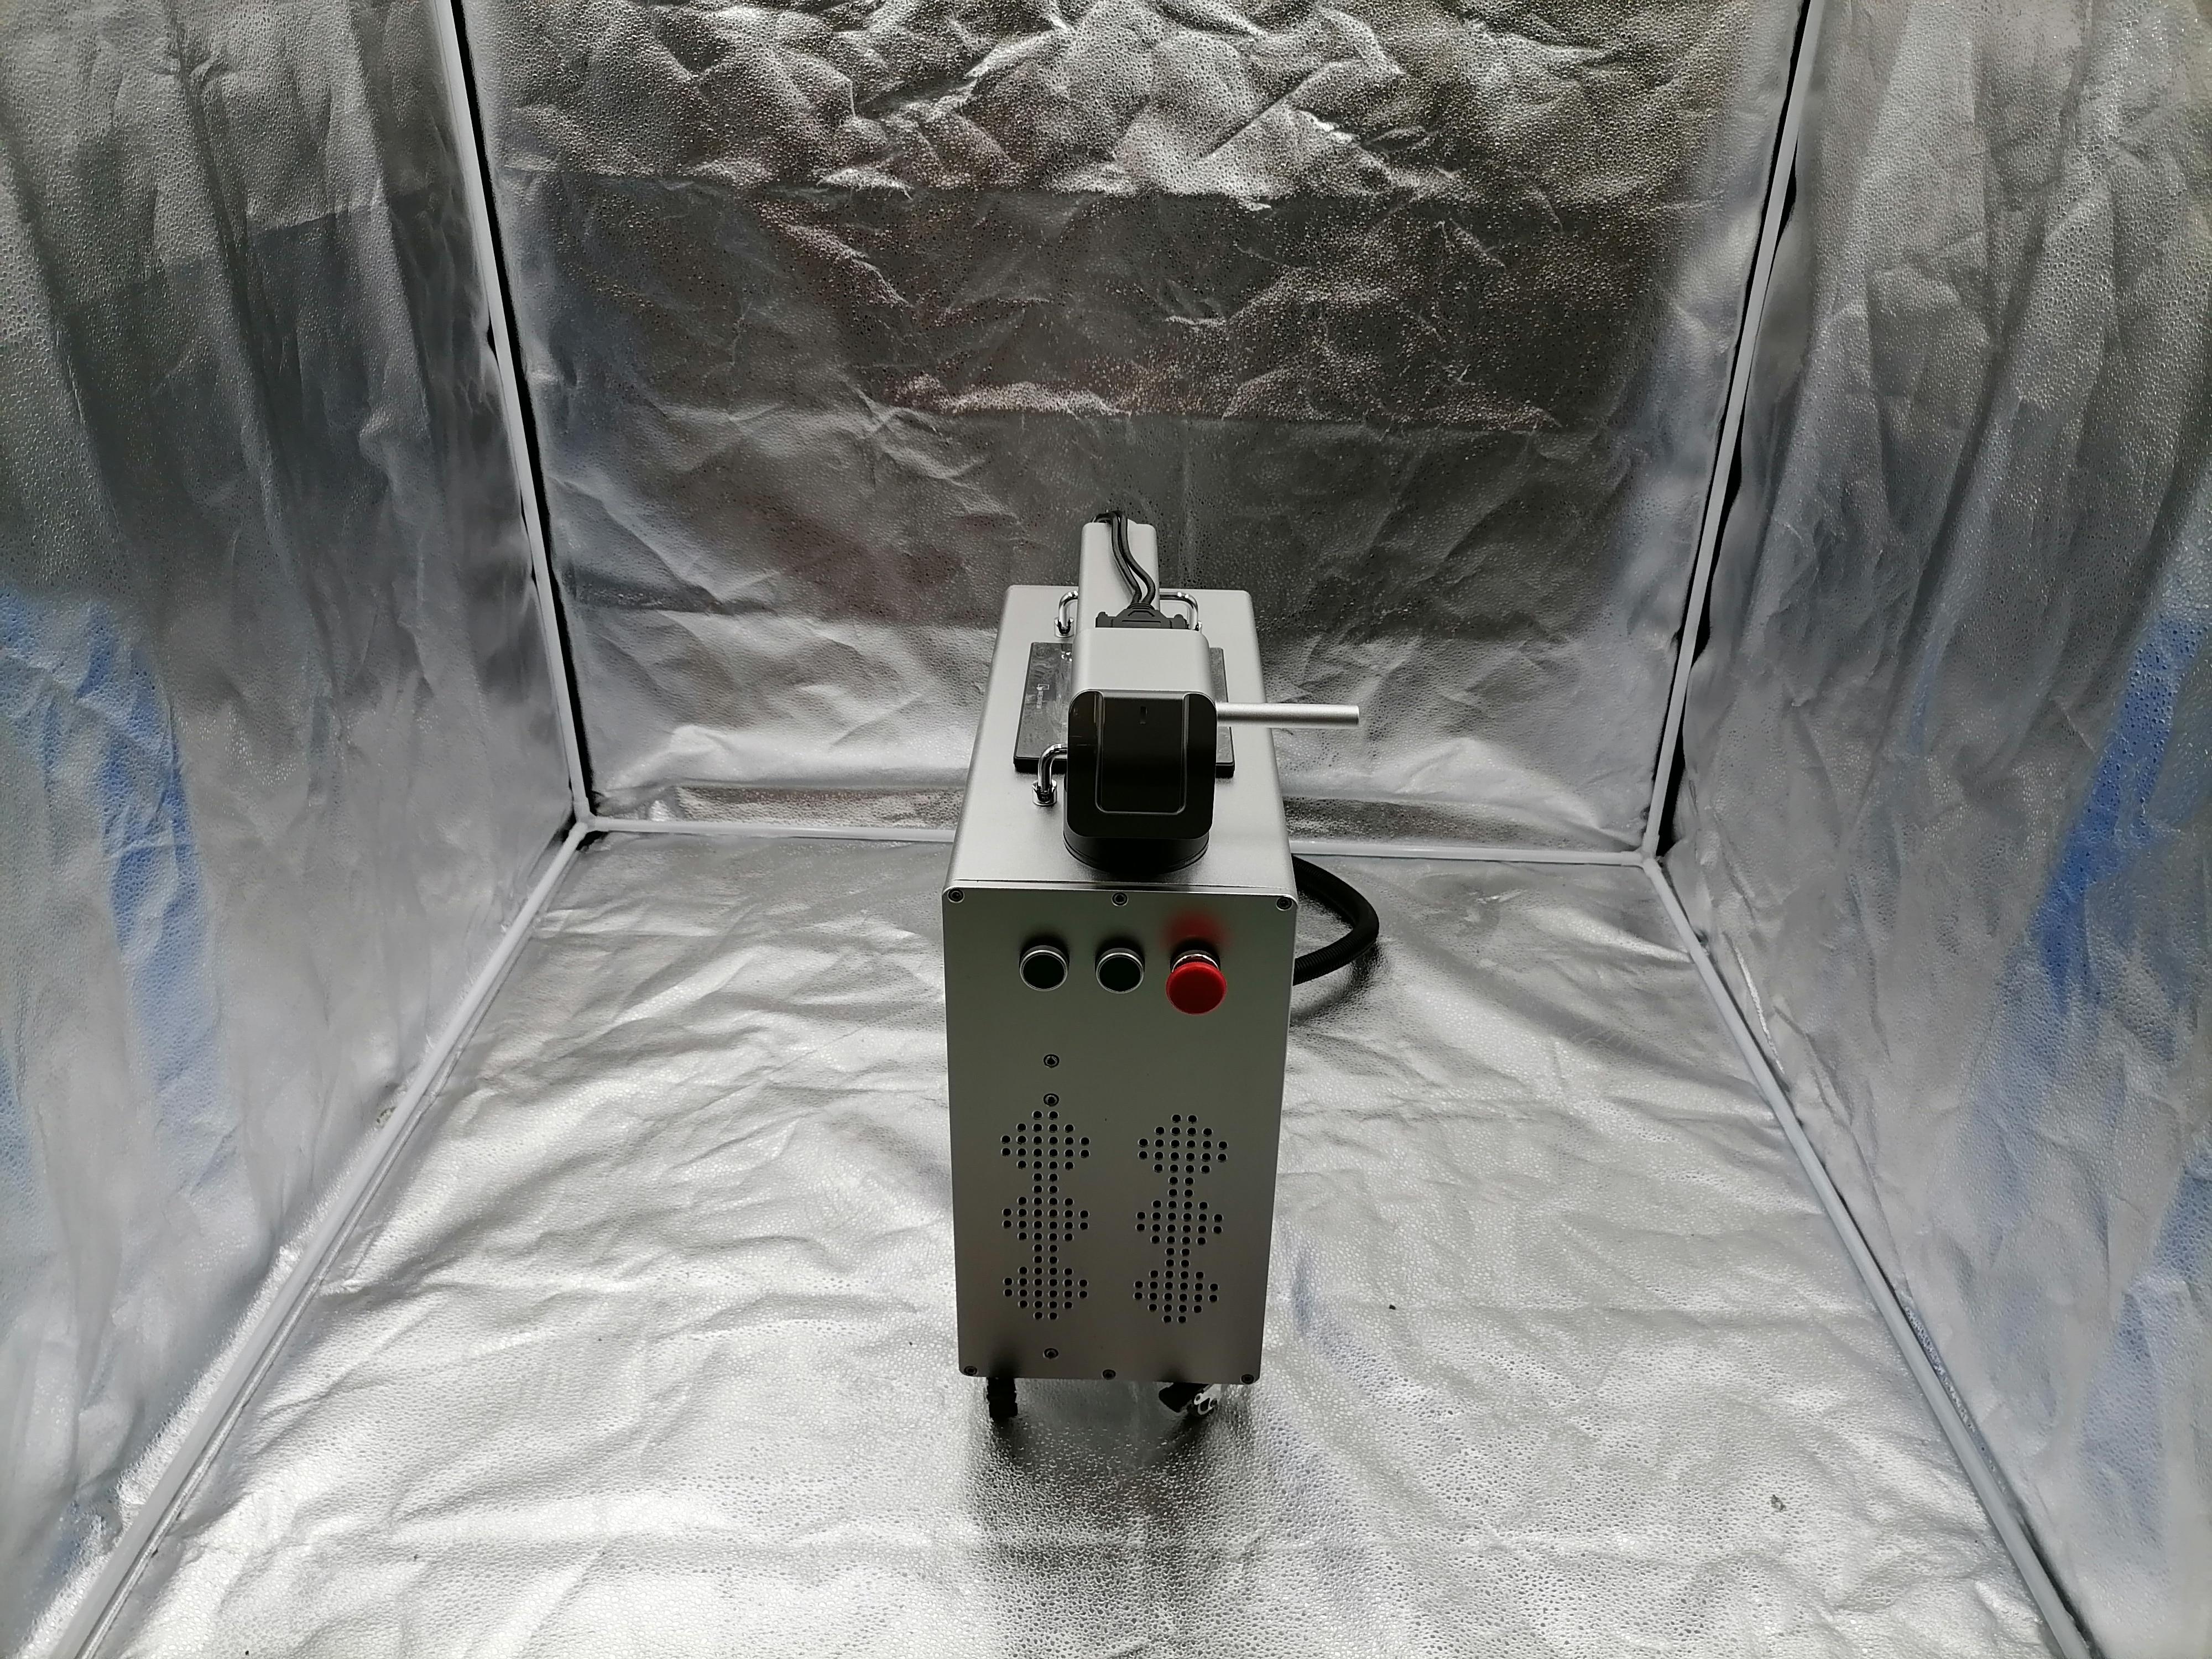 Лазерная Очистительная Машина 100 Вт, цена, лазерное удаление ржавчины 100 Вт, лазерный очиститель ржавчины для рюкзака